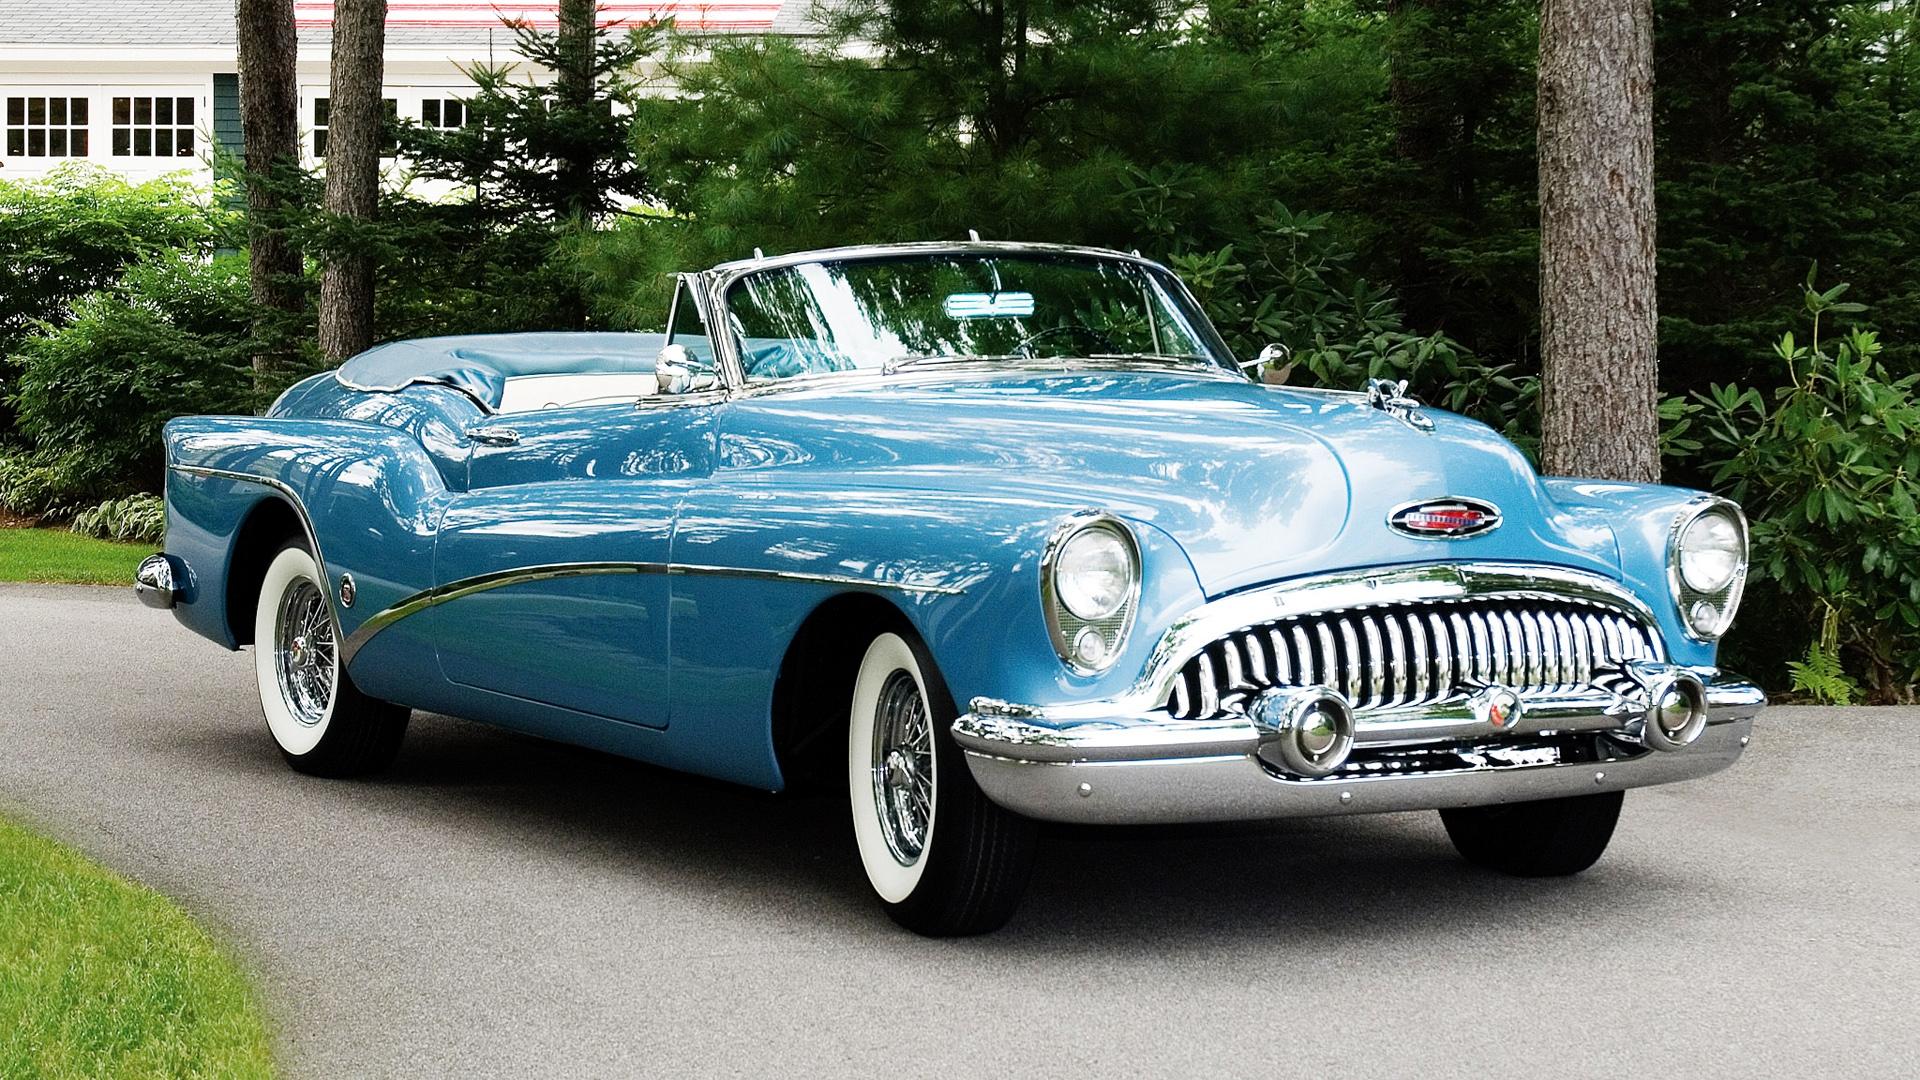 Vintage blue car photo